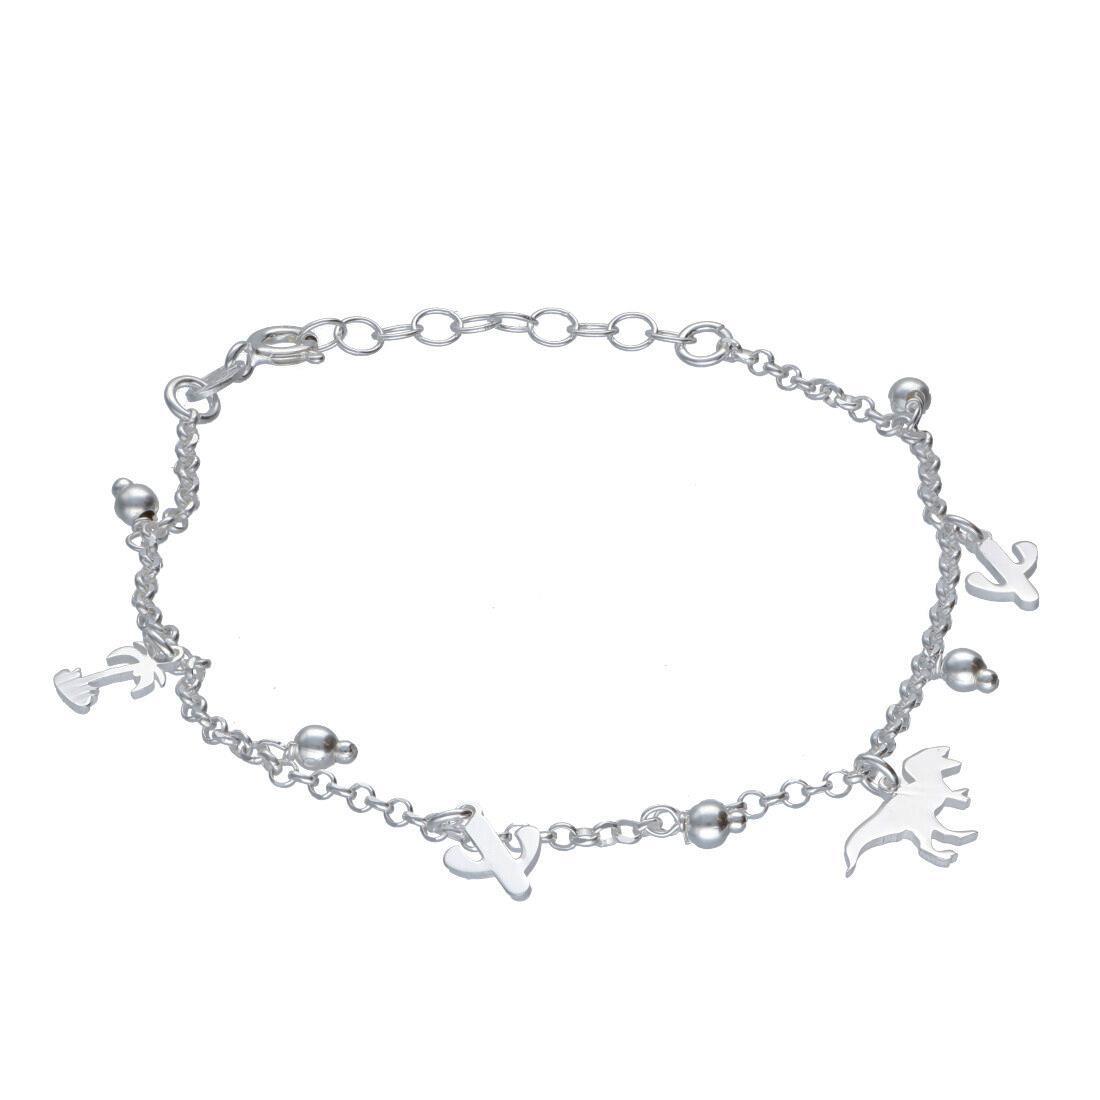 Bracciale in argento con charms - ORO&CO 925